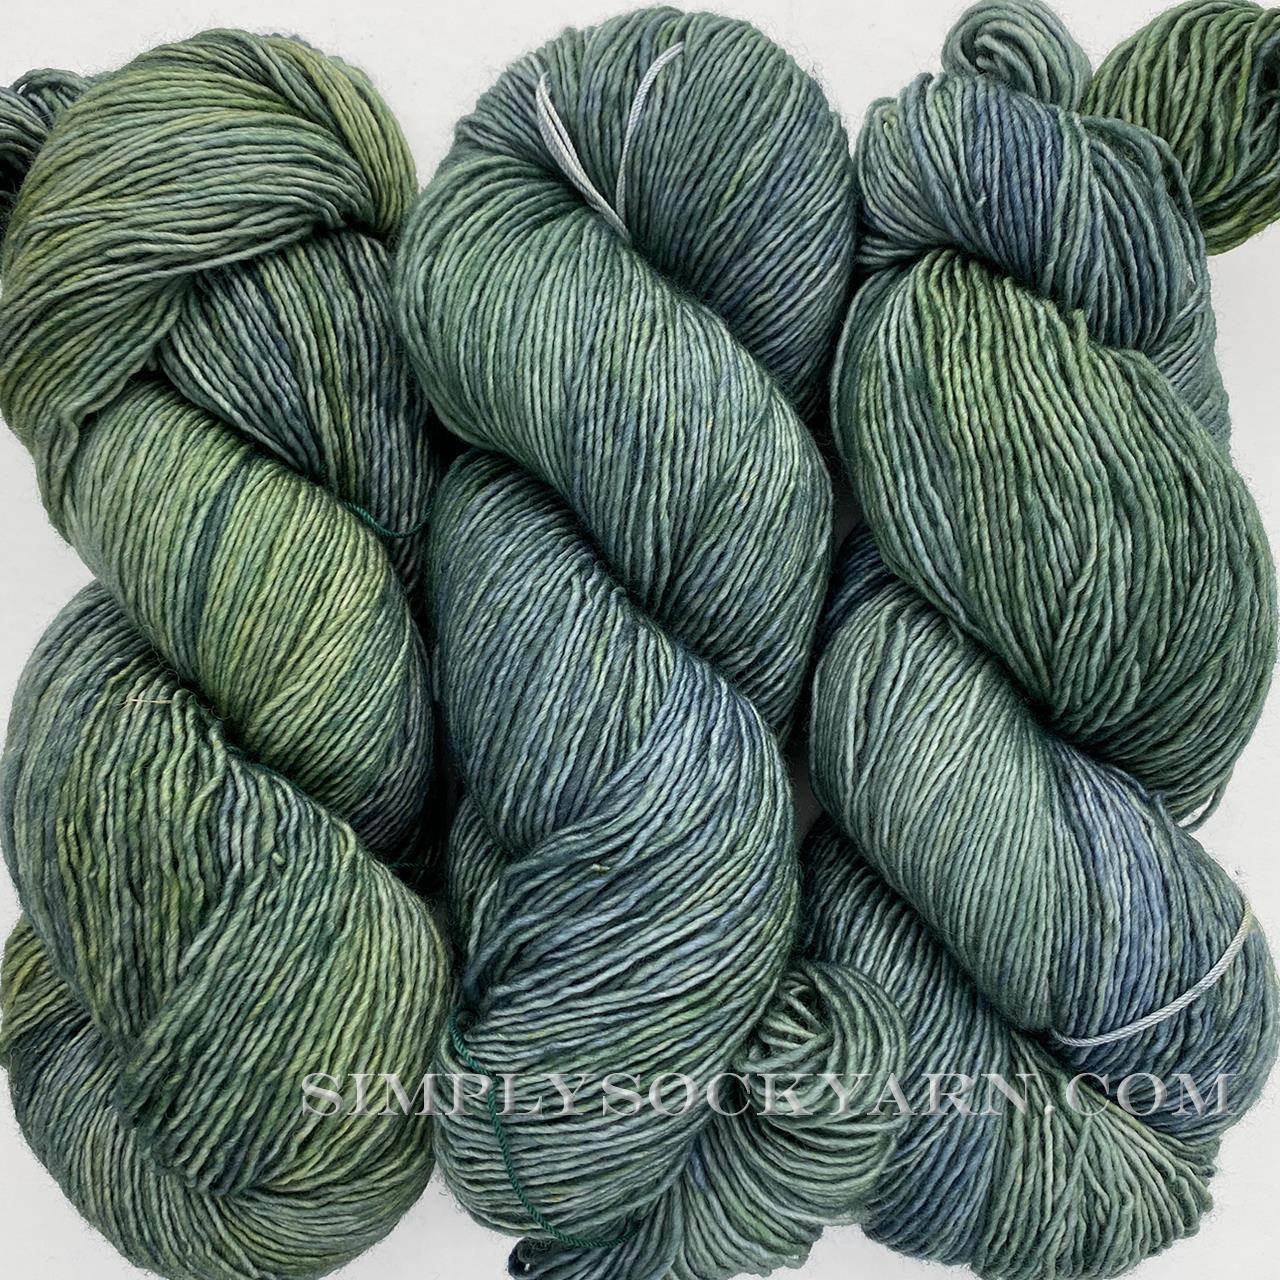 MT Merino Light Dark Ivy -